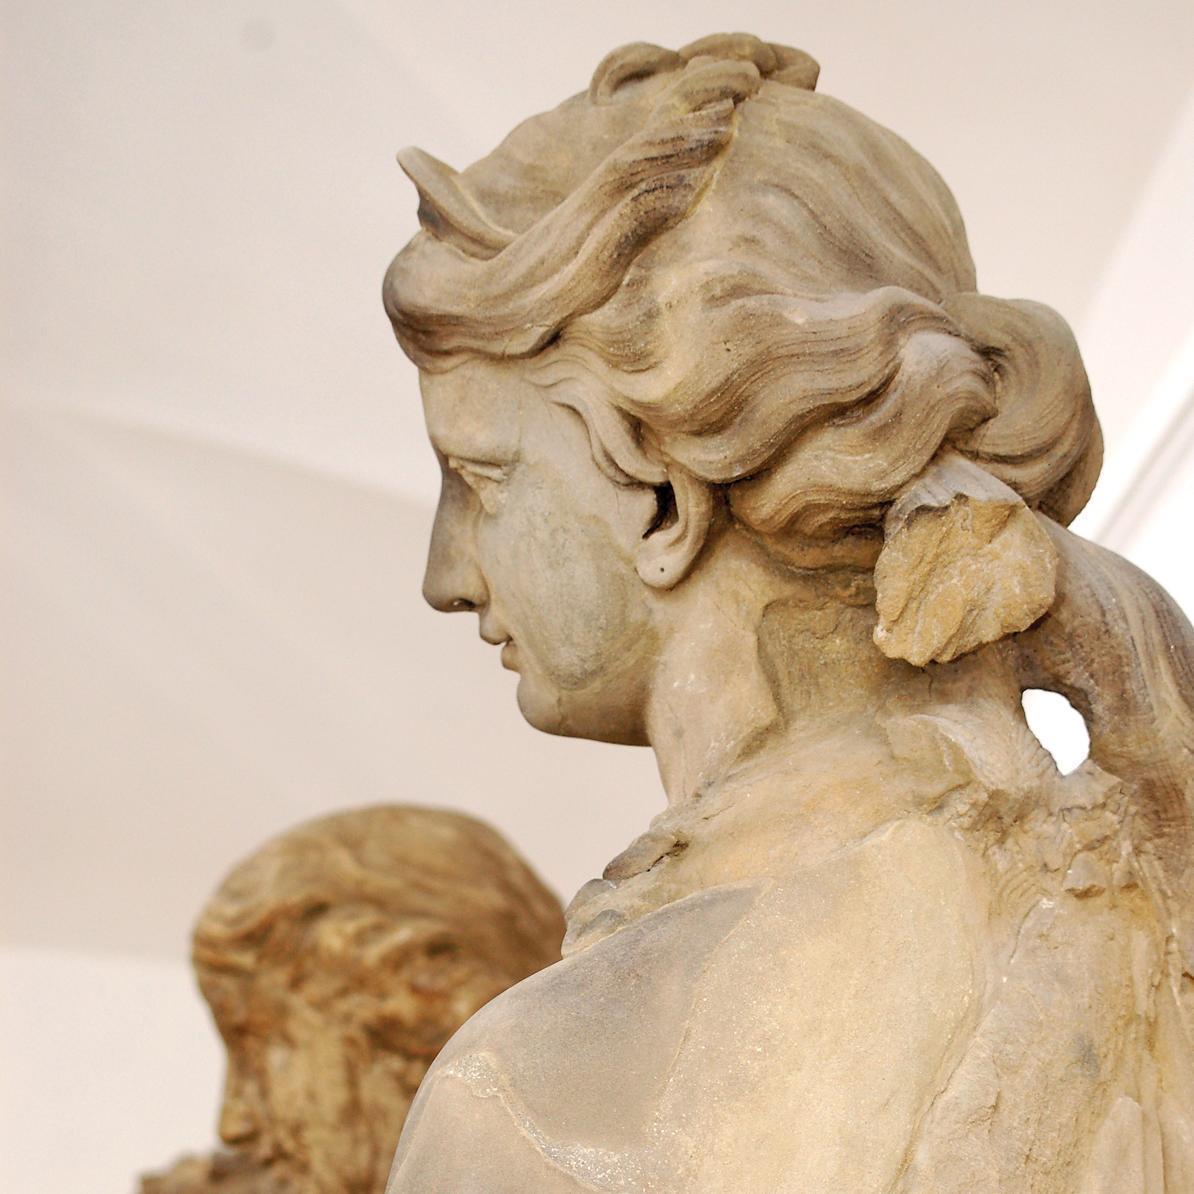 Detail aus dem Lapidarium des Residenzschlosses Ludwigsburg; Foto: Staatliche Schlösser und Gärten Baden-Württemberg, Norbert Stadler